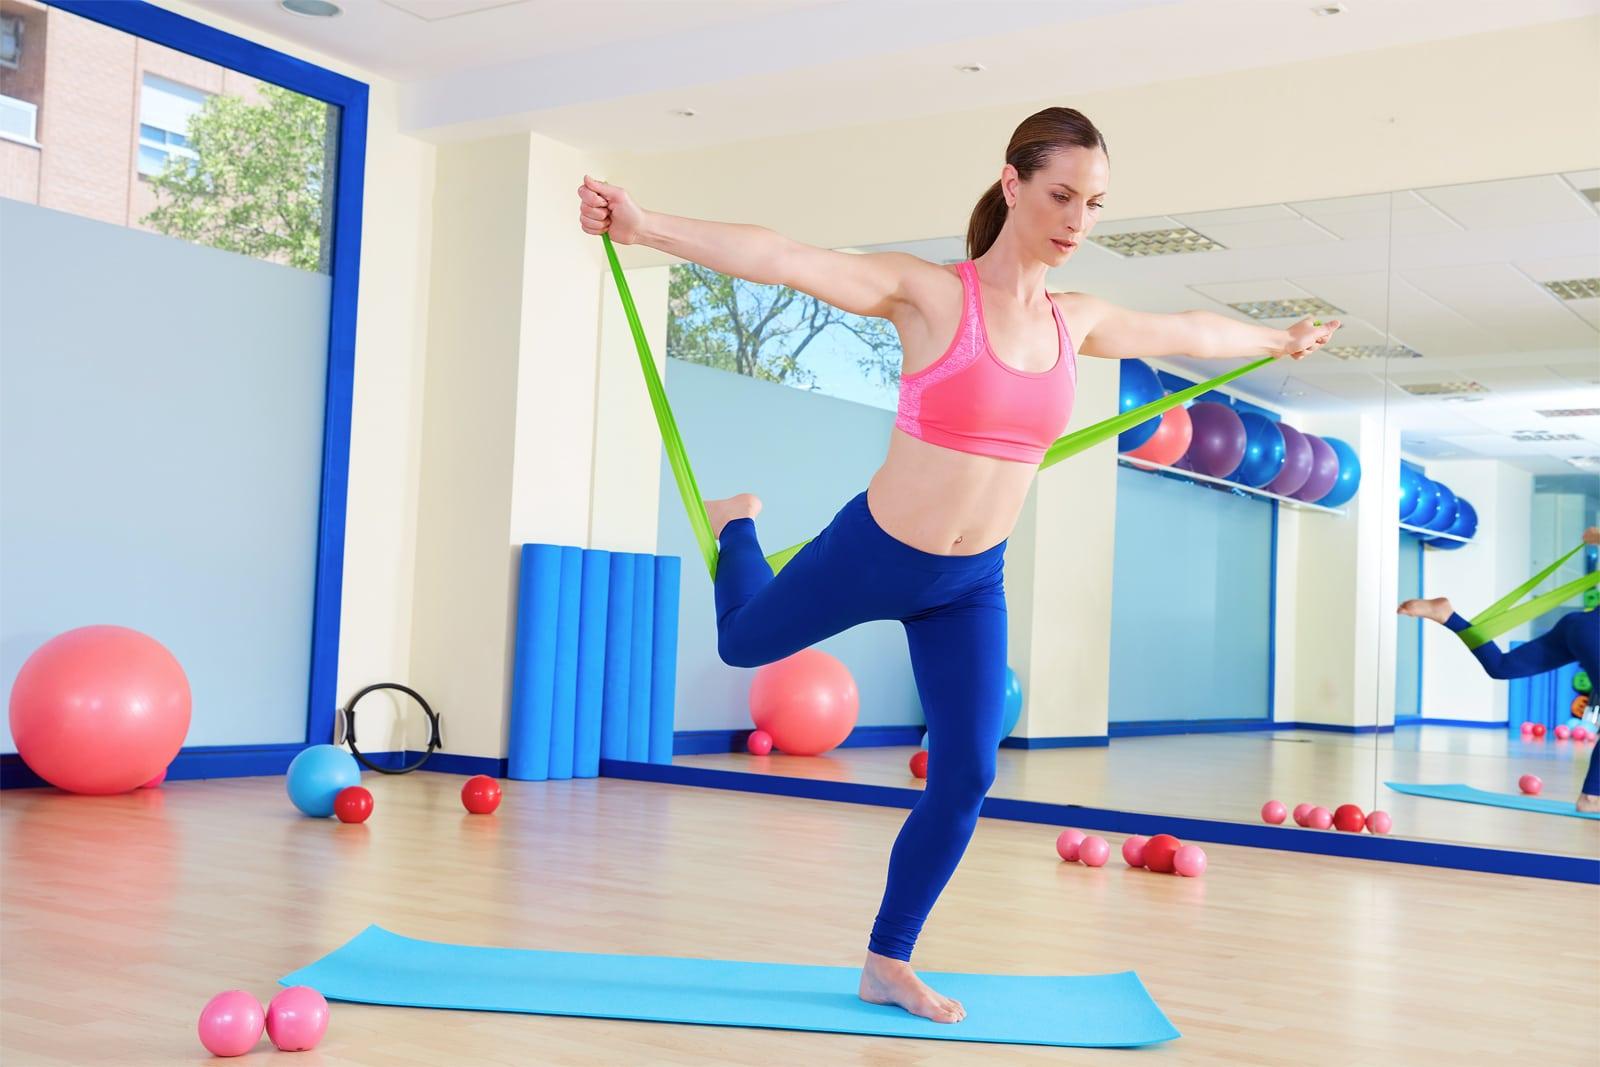 Gumy do jogi, rehabilitacji Sensei - ćwiczenia [3]